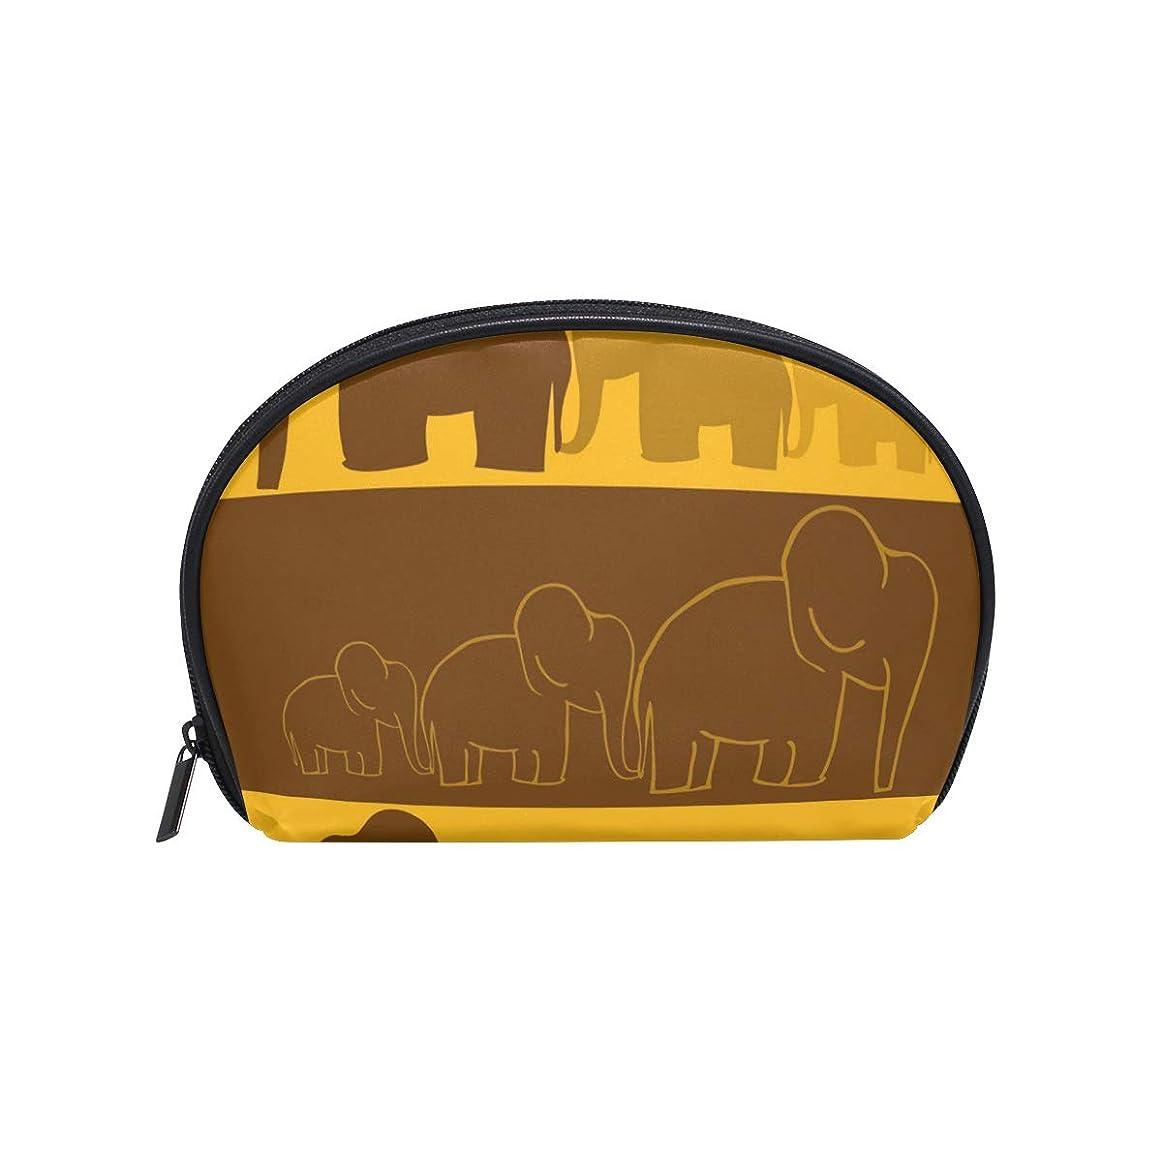 唇最近と半月型 象柄 動物柄 黄色 化粧ポーチ コスメポーチ コスメバッグ メイクポーチ 大容量 旅行 小物入れ